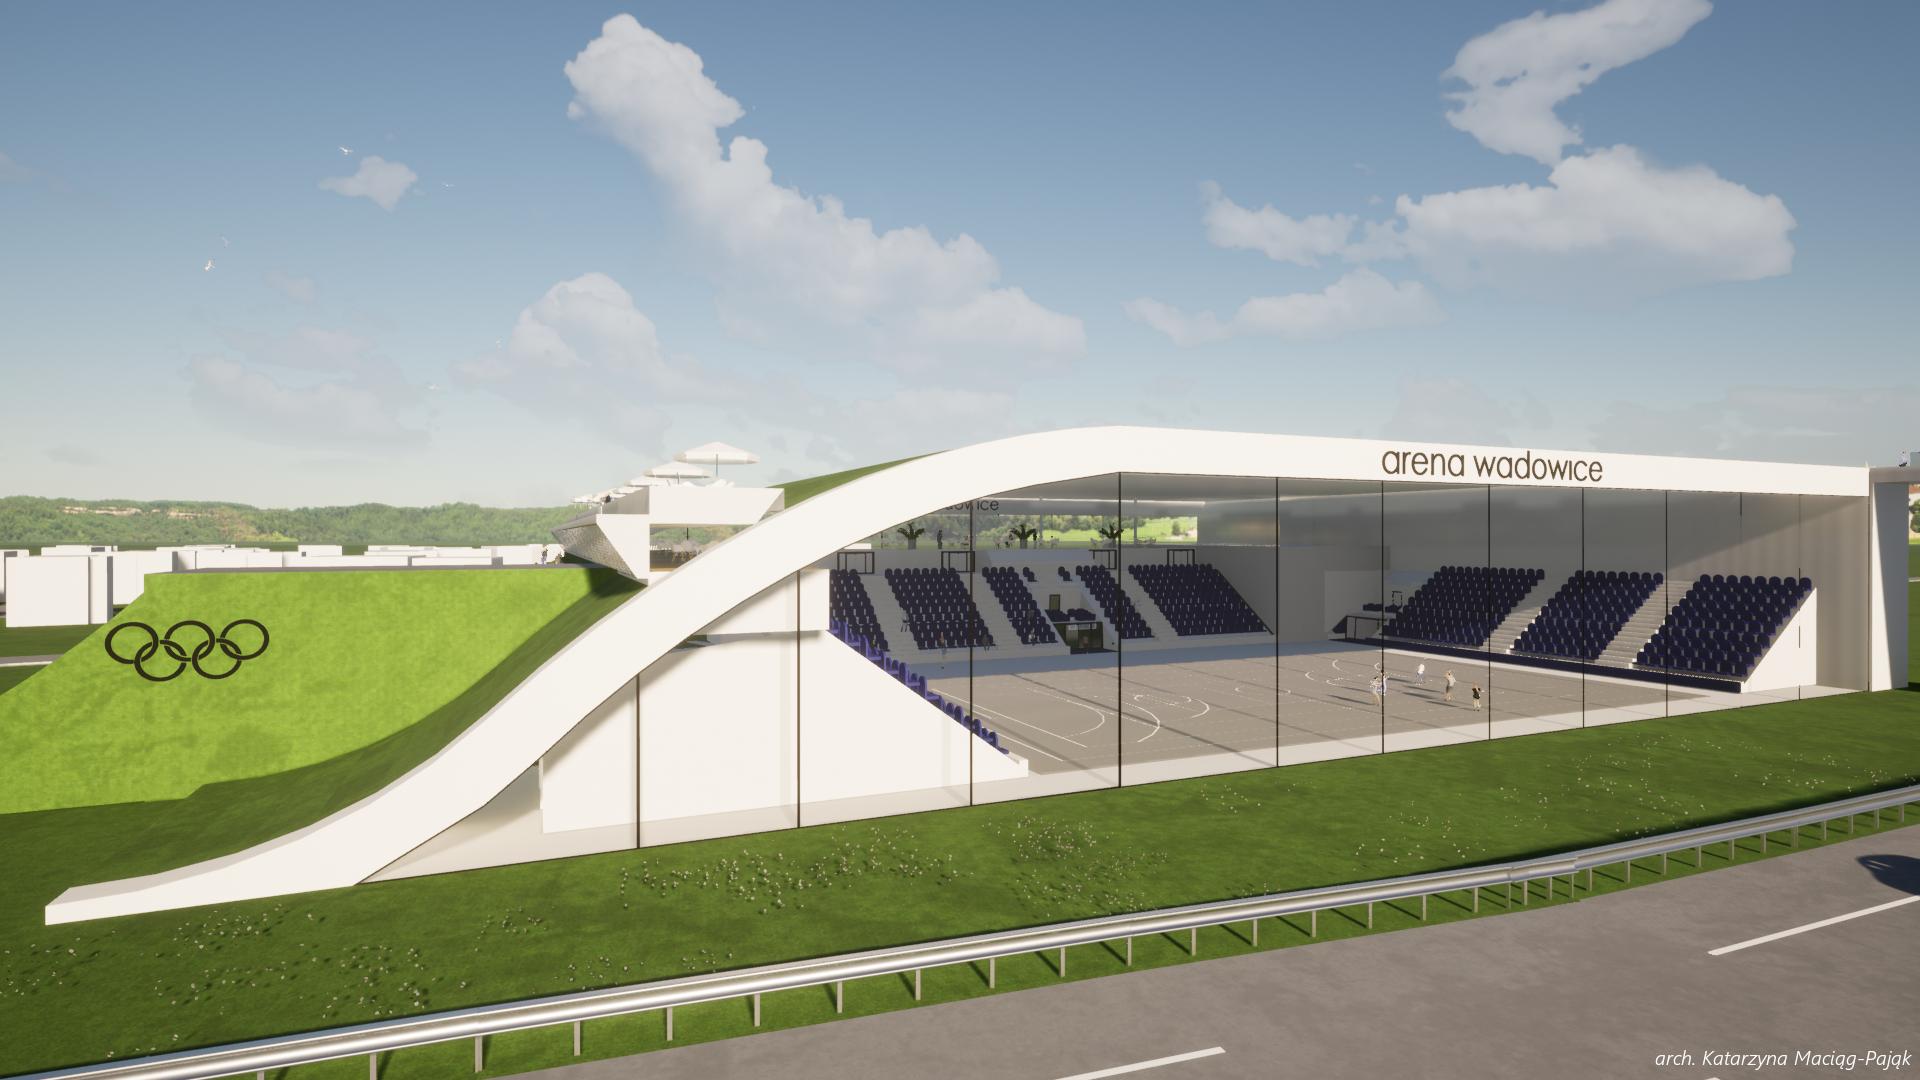 Tak ma wyglądać Arena Wadowice!